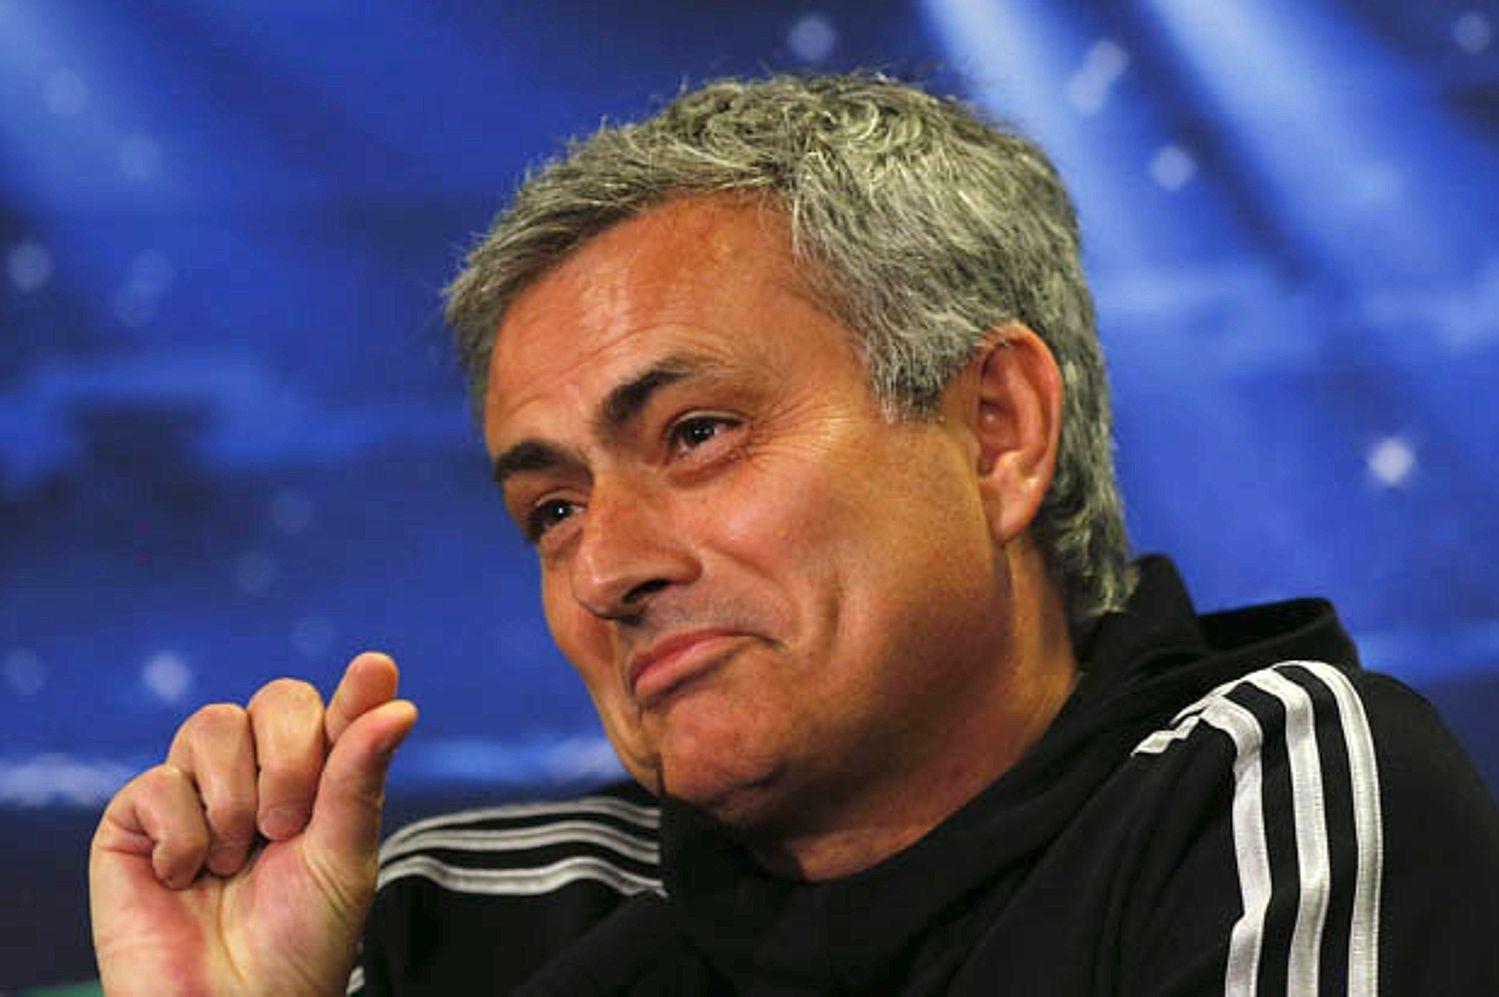 Mourinho le mete un 'golazo' a Florentino Pérez con De Gea ('zasca' del portero del United)